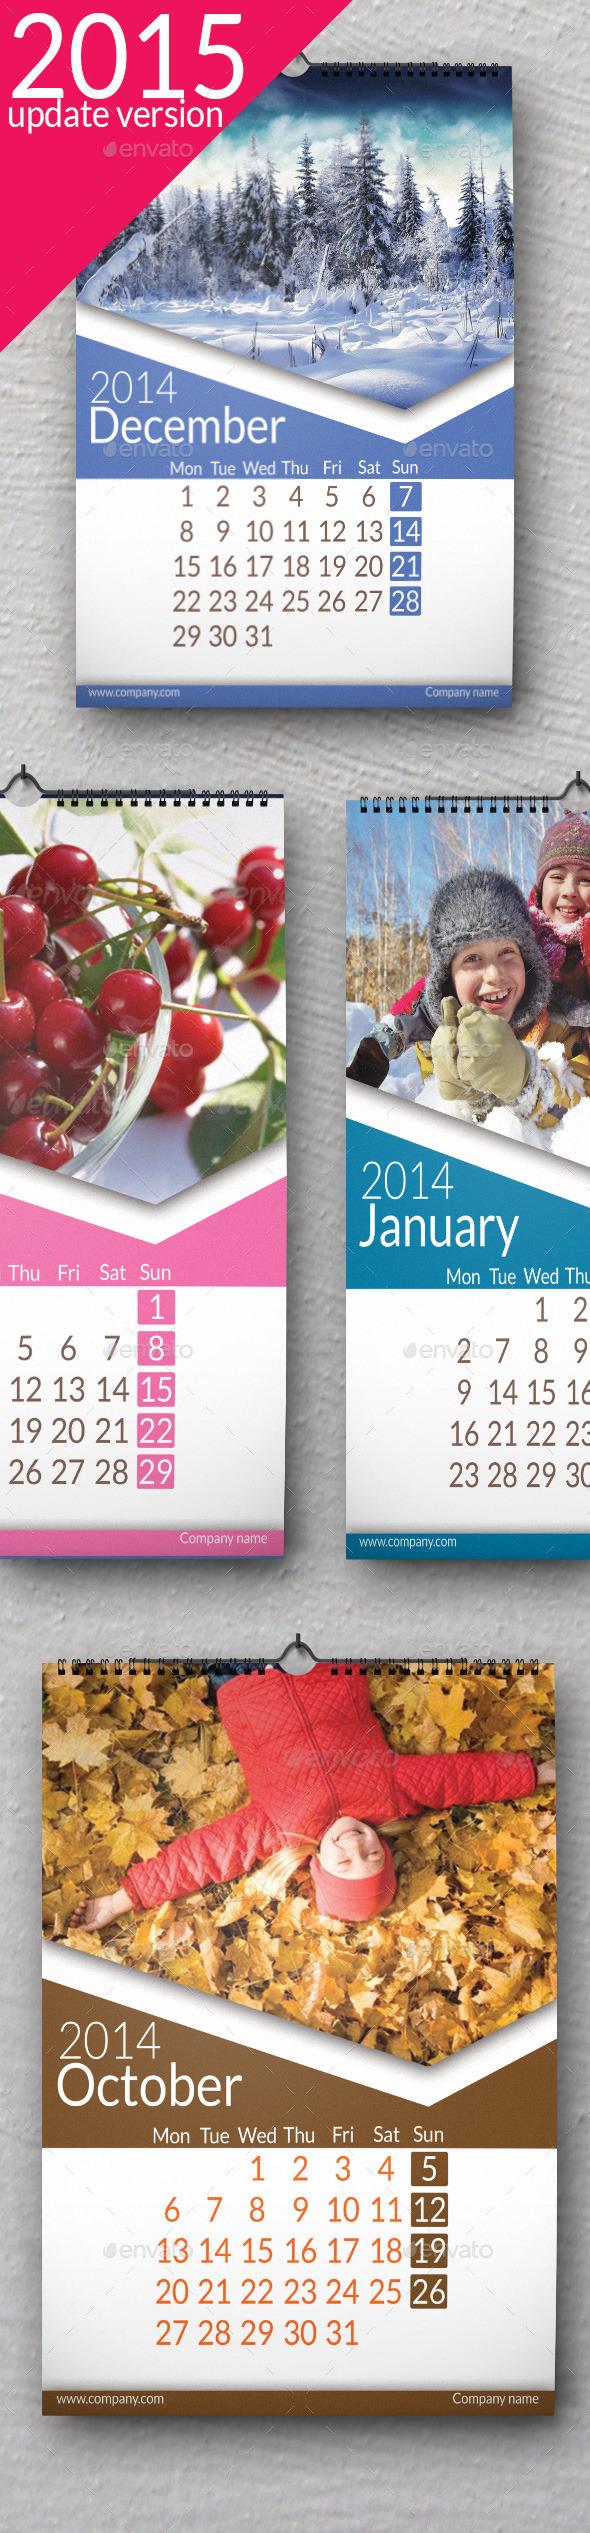 Wall Calendar 2015 Ultra